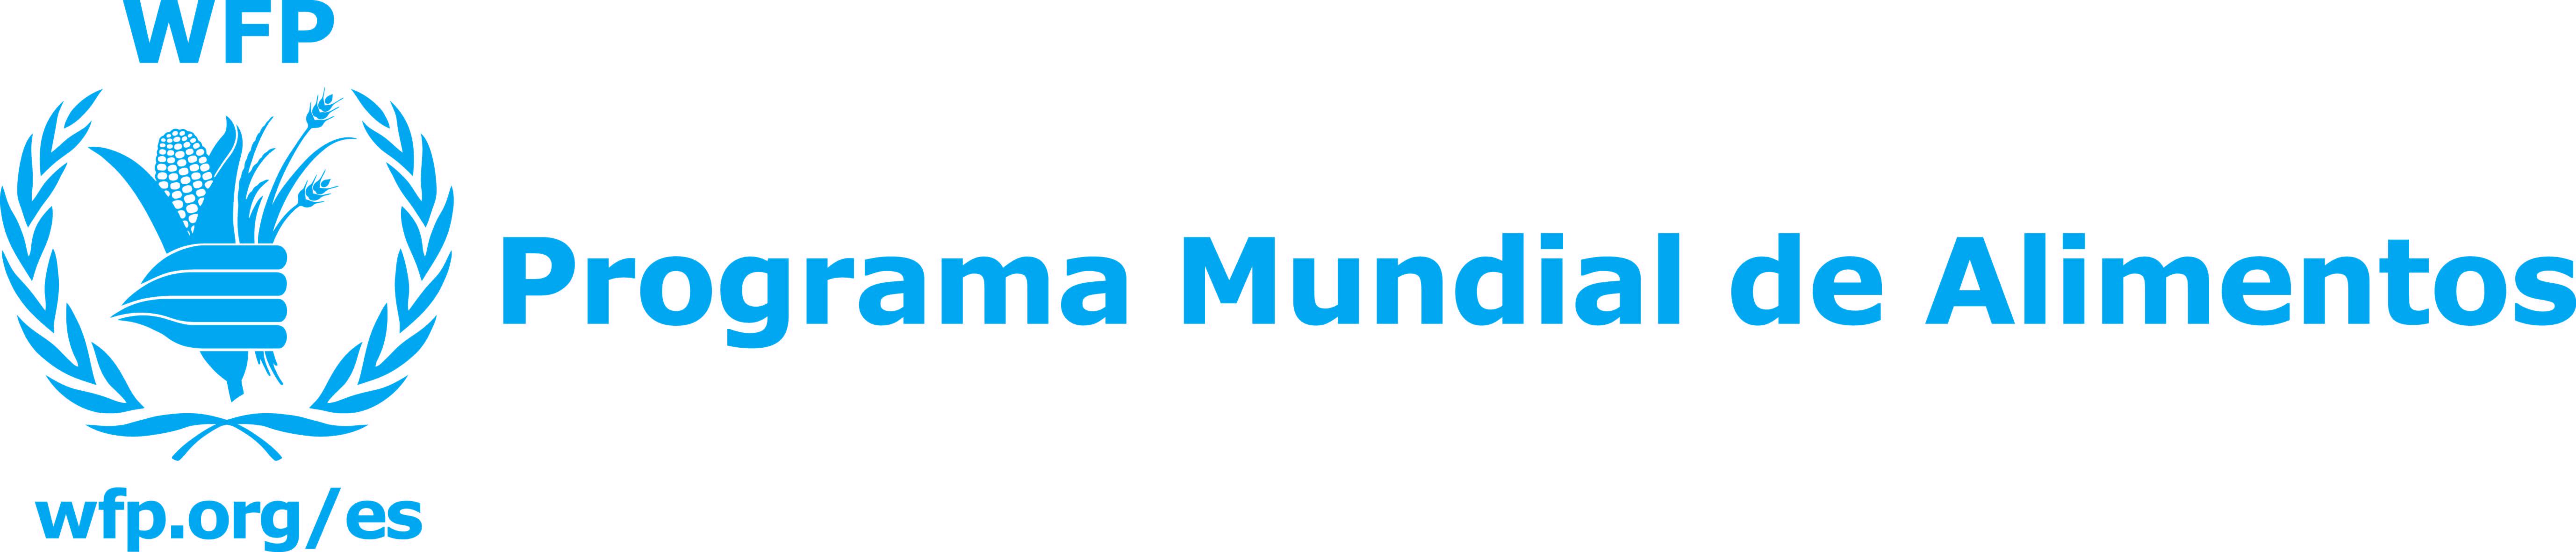 logo-oficial-pma